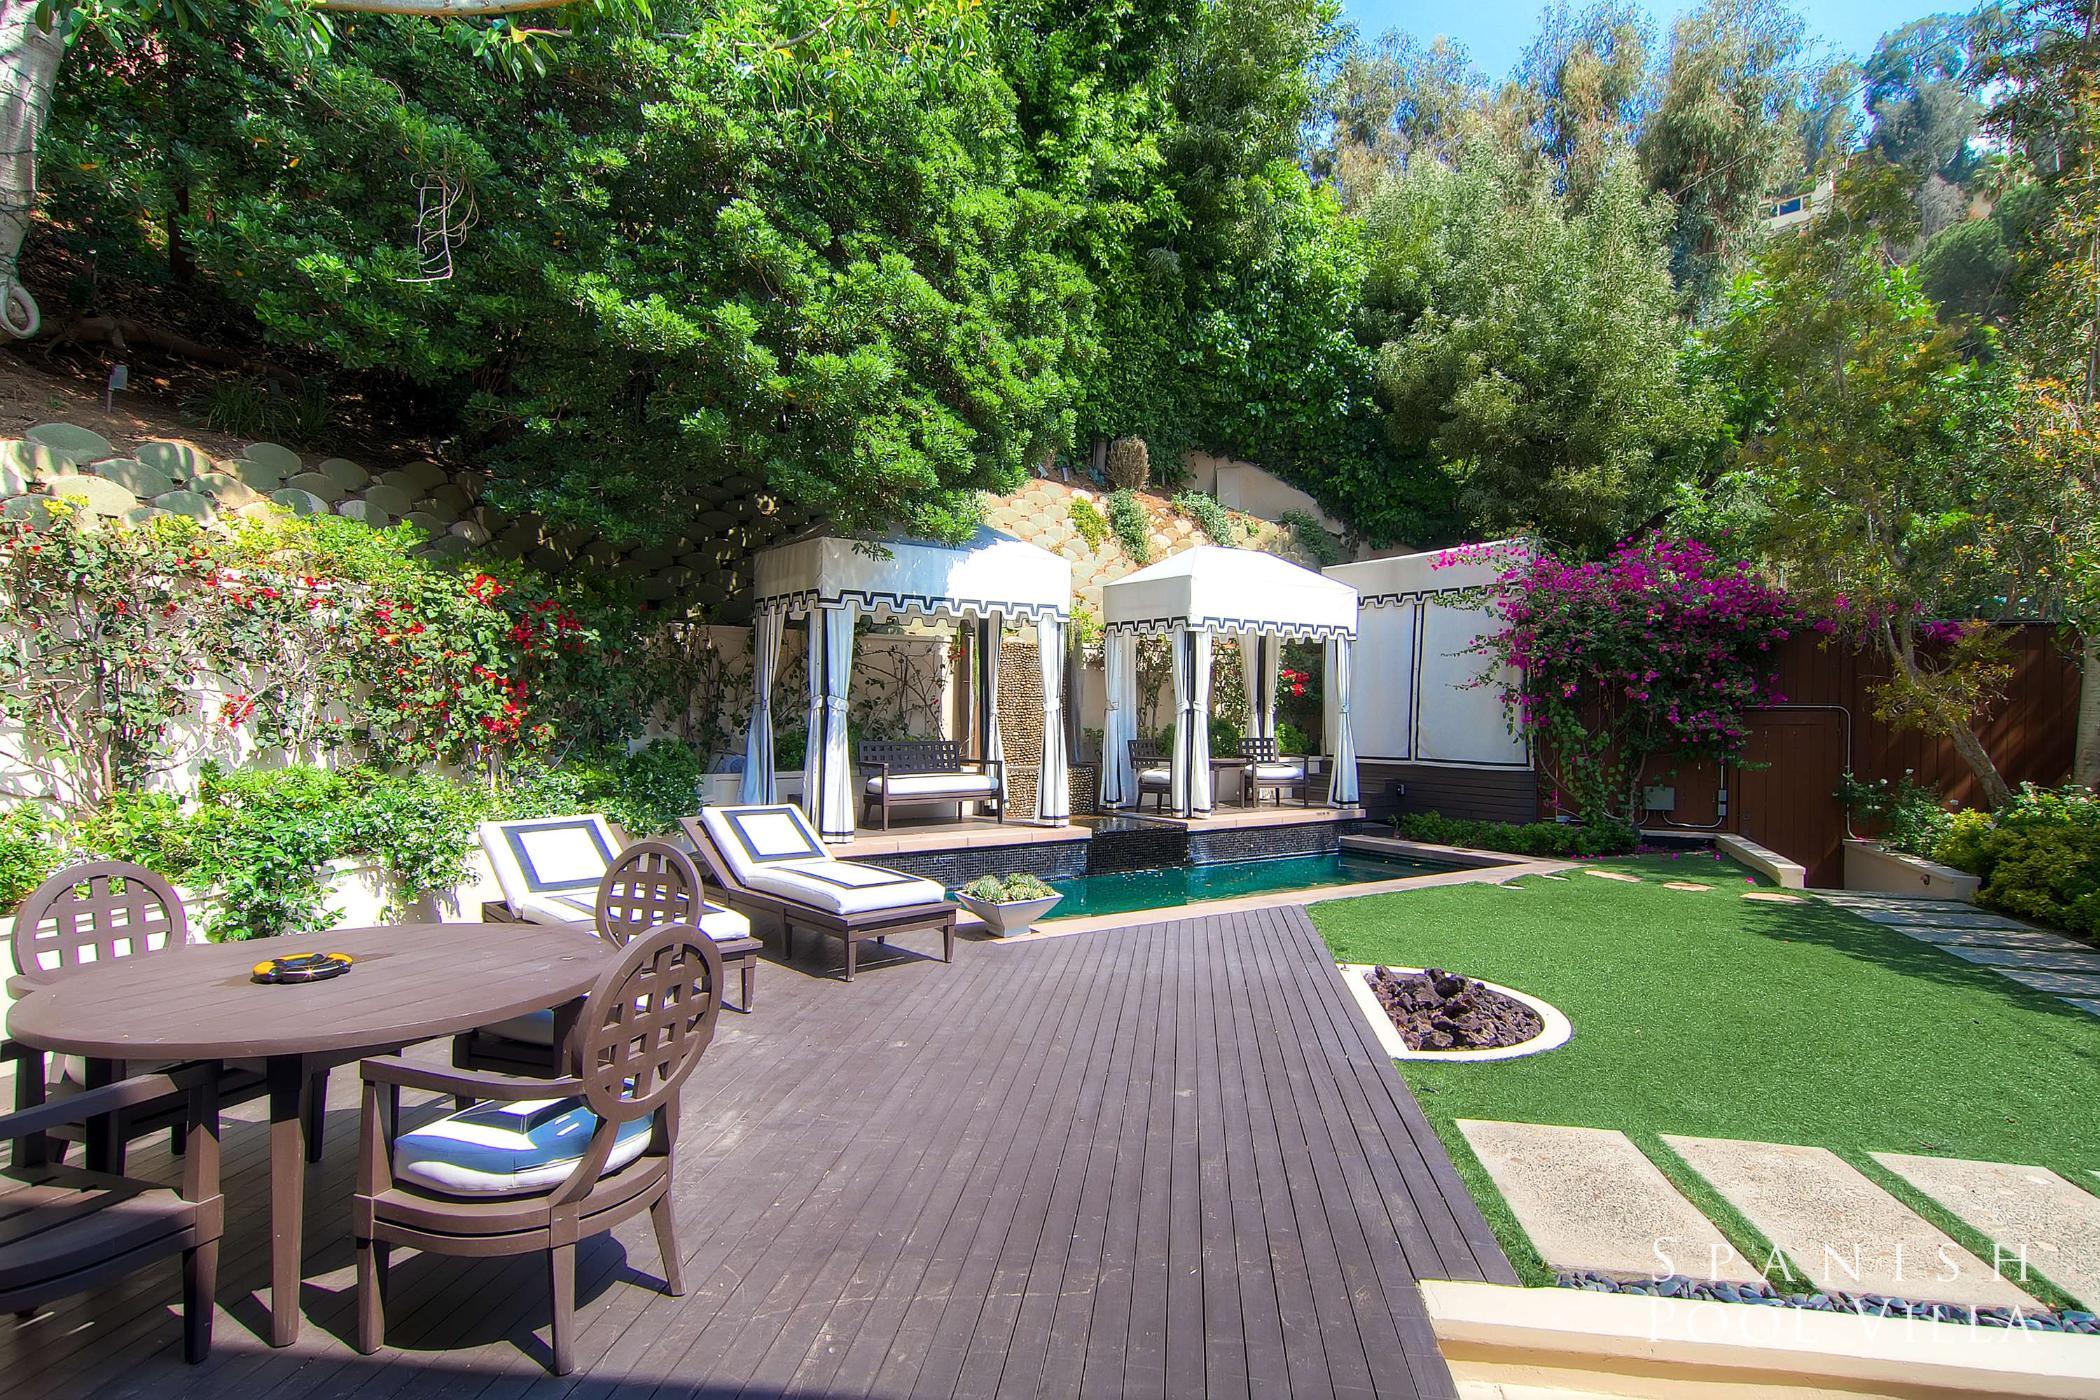 Celebrity Resort Villa Villaway 174